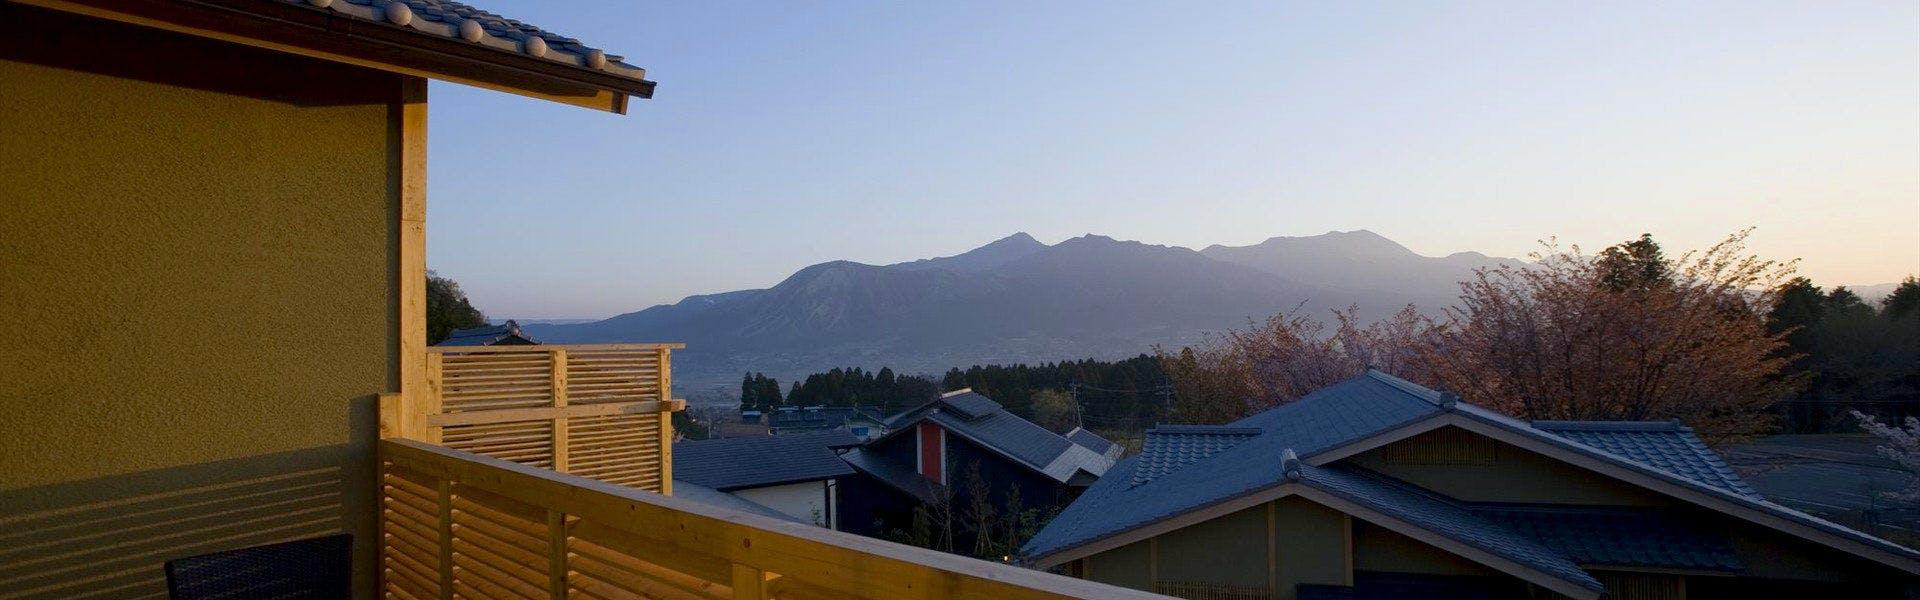 記念日におすすめのホテル・【南阿蘇温泉郷 別邸 蘇庵】の写真2